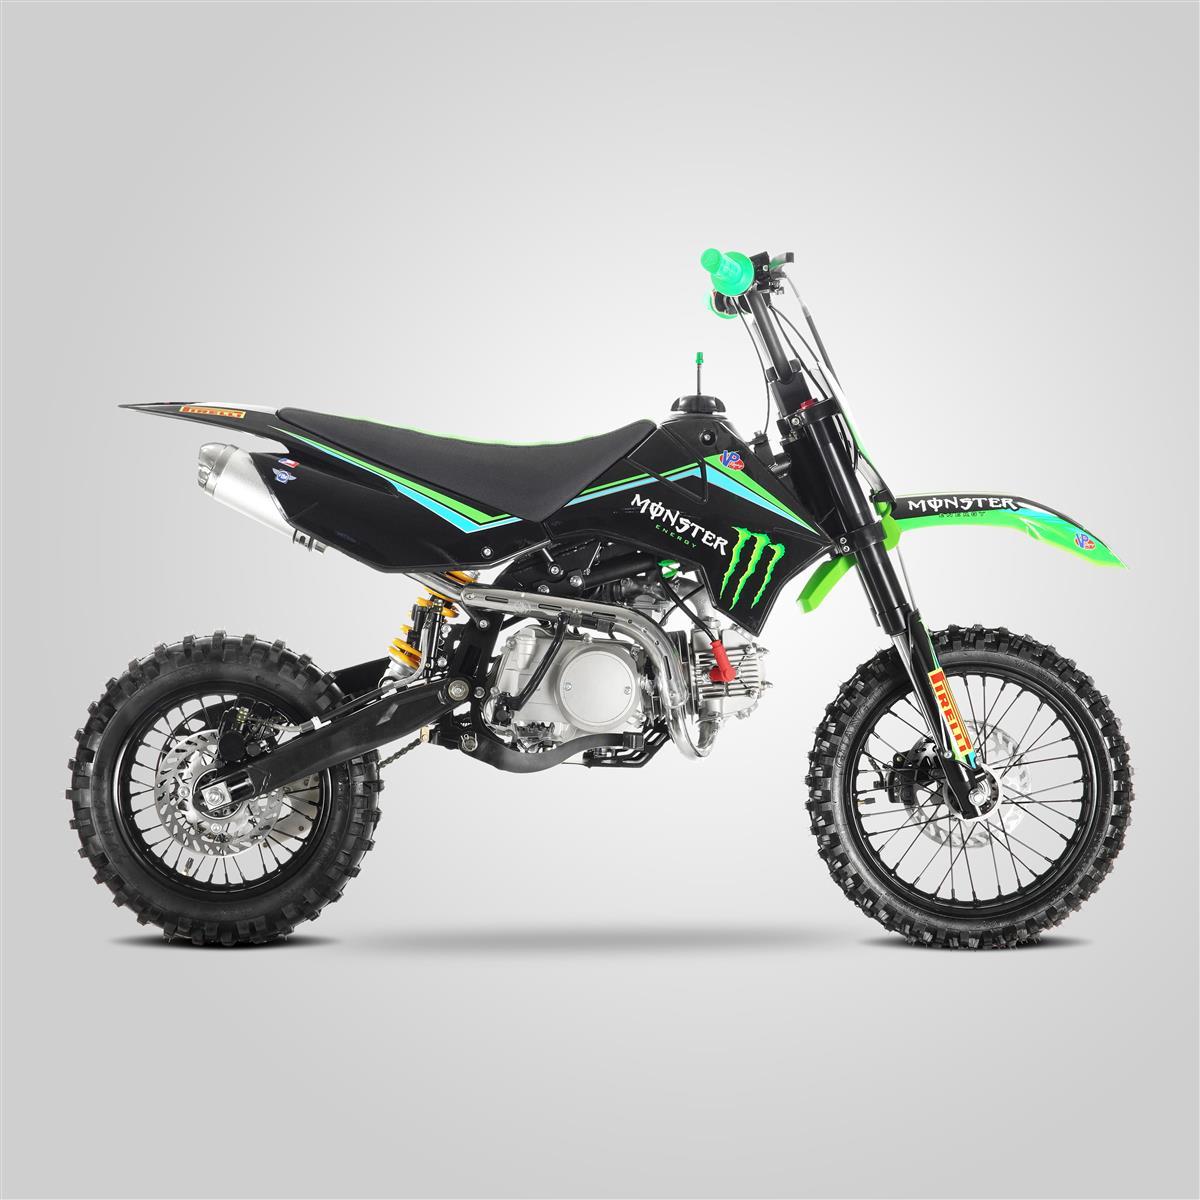 dirt bike 125 monster pas cher. Black Bedroom Furniture Sets. Home Design Ideas